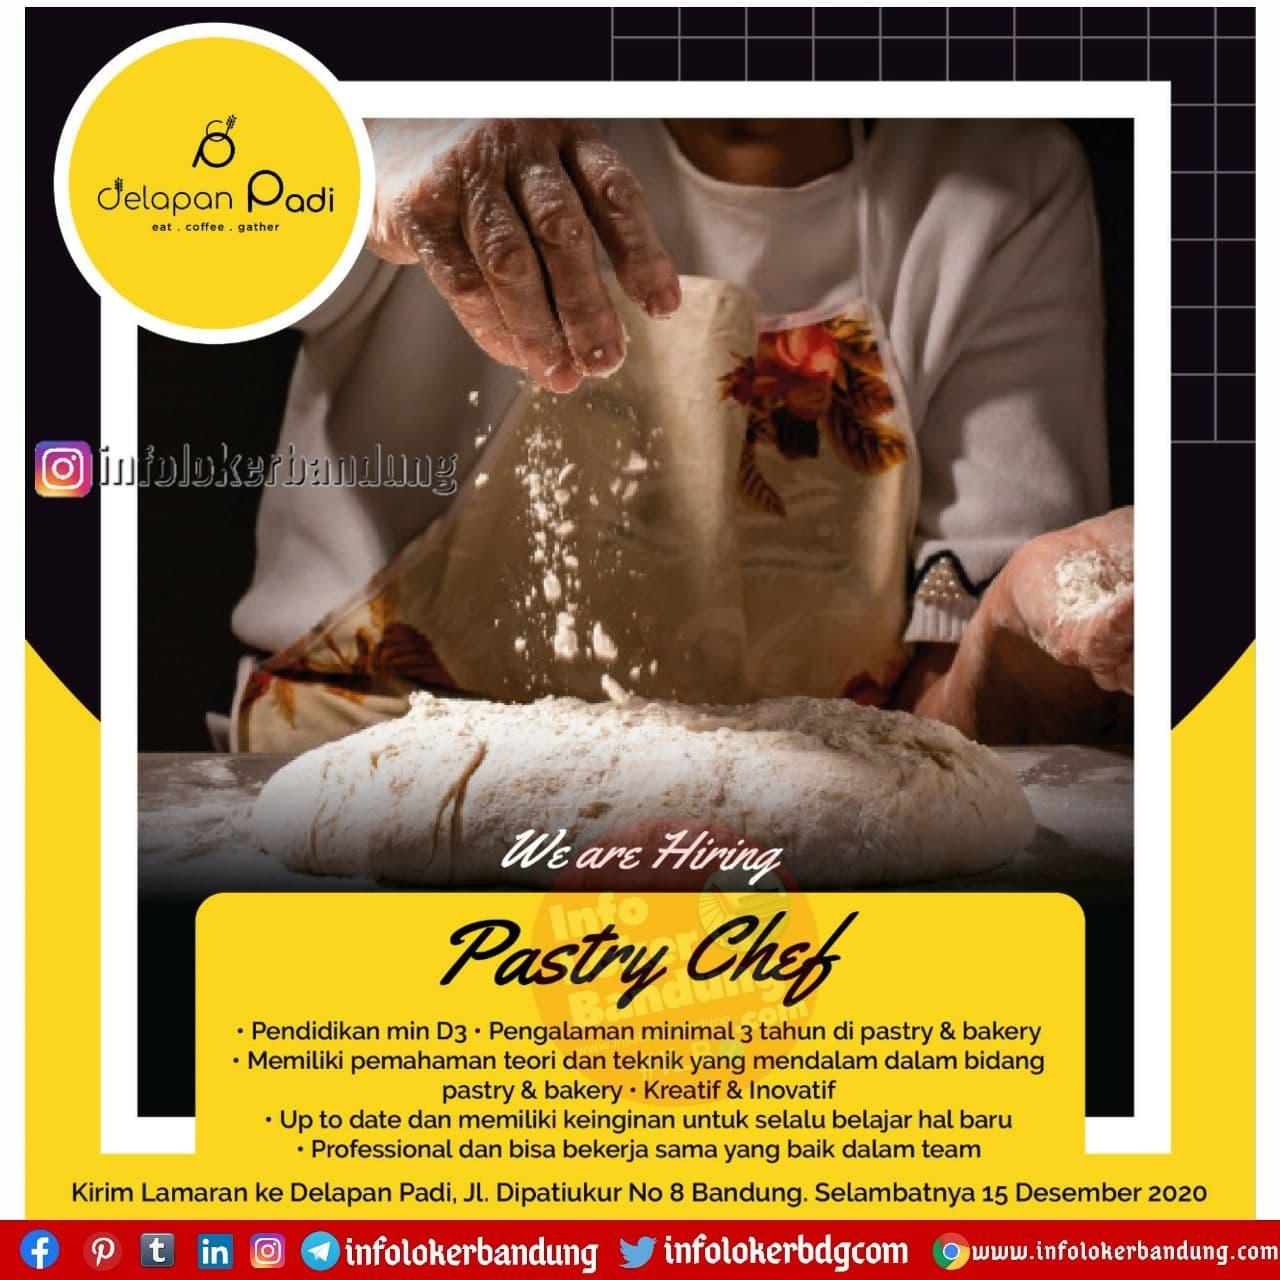 Lowongan Kerja Pastry Chef Delapan Padi Bandung Desember 2020